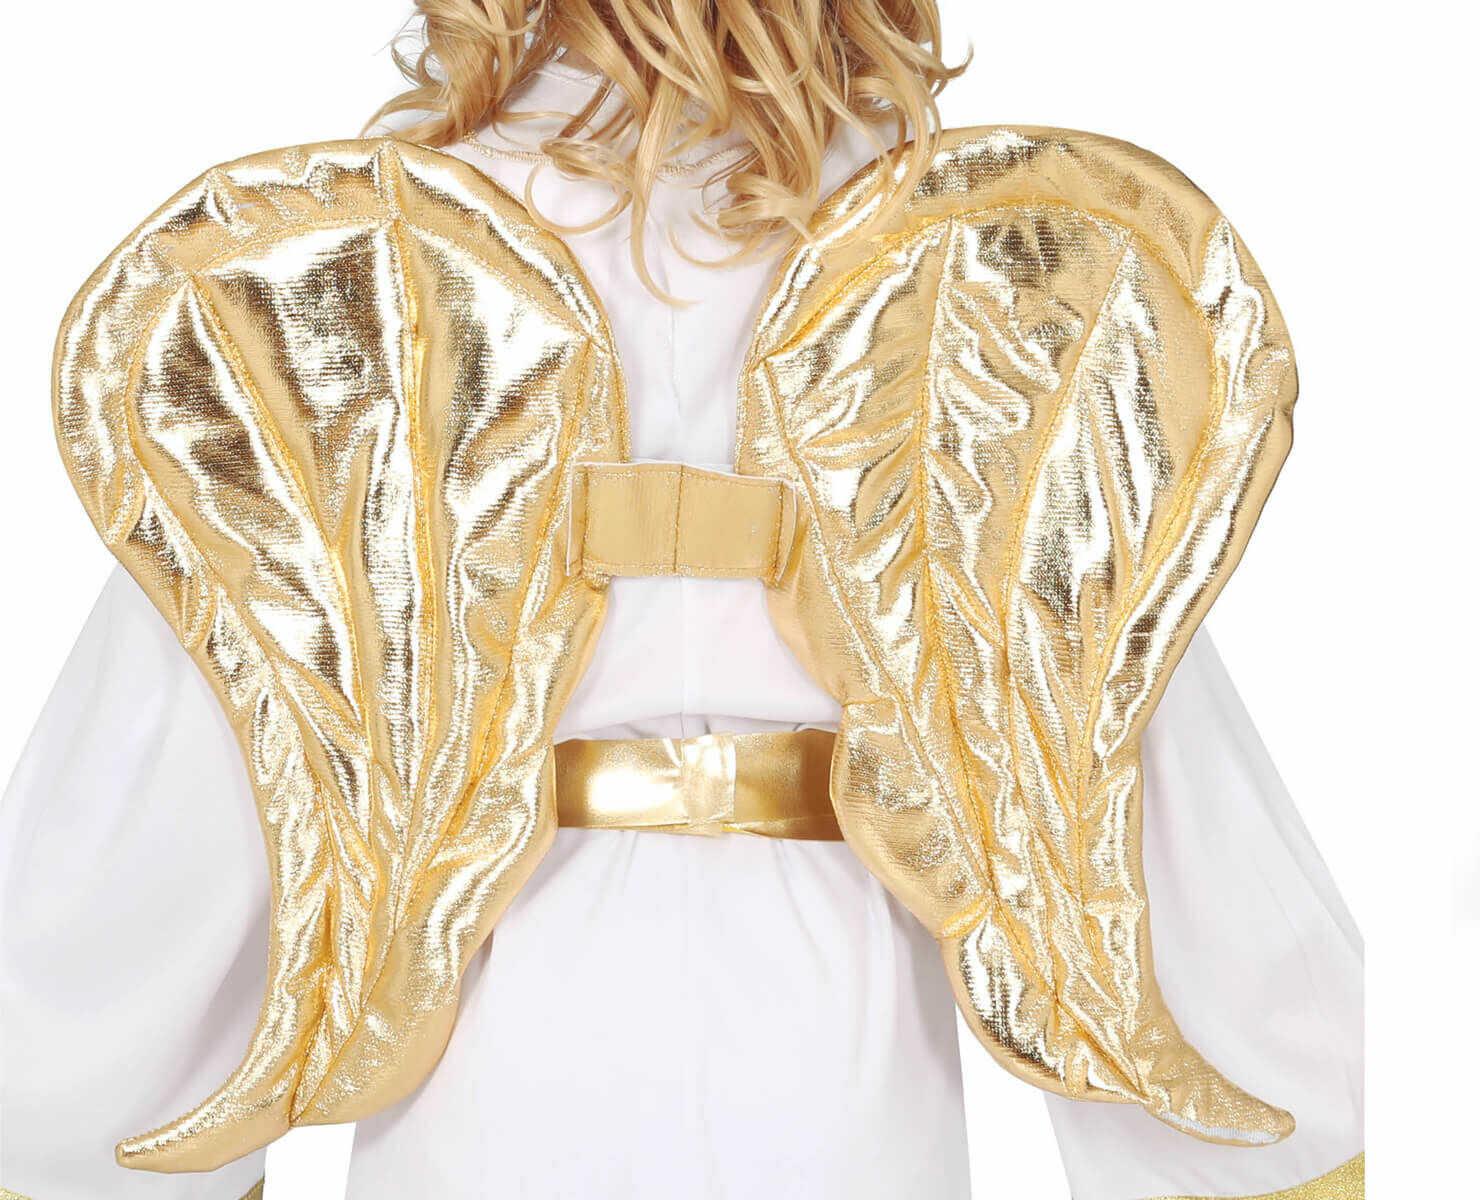 Skrzydła anioła złote - 50 x 40 cm - 1 szt.